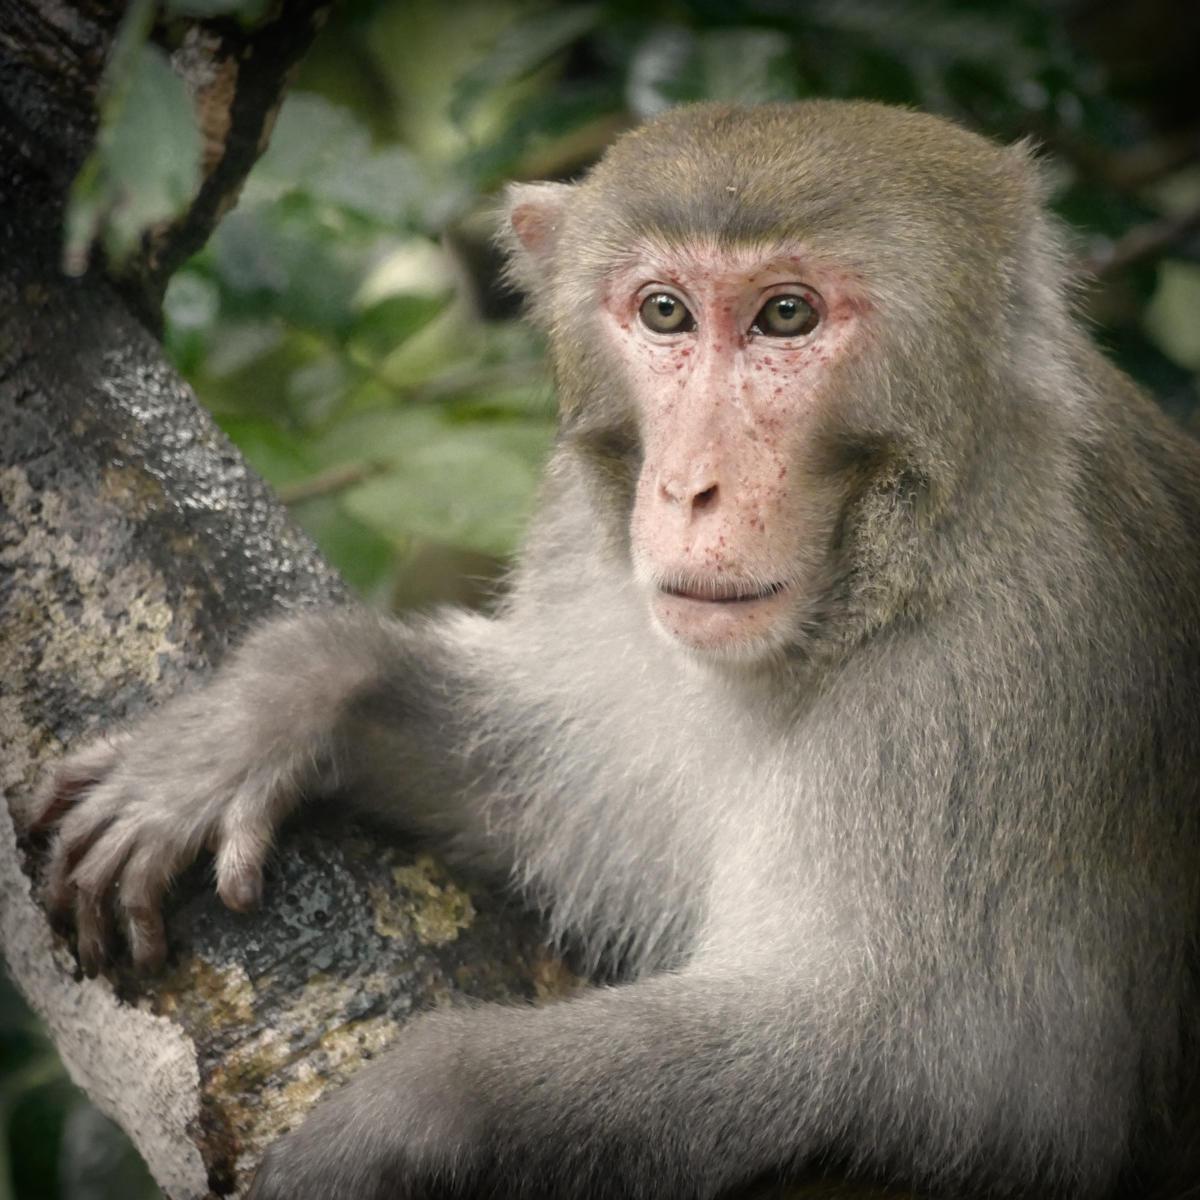 A Rhesus macaque watches Noah watching birds. Noah Strycker